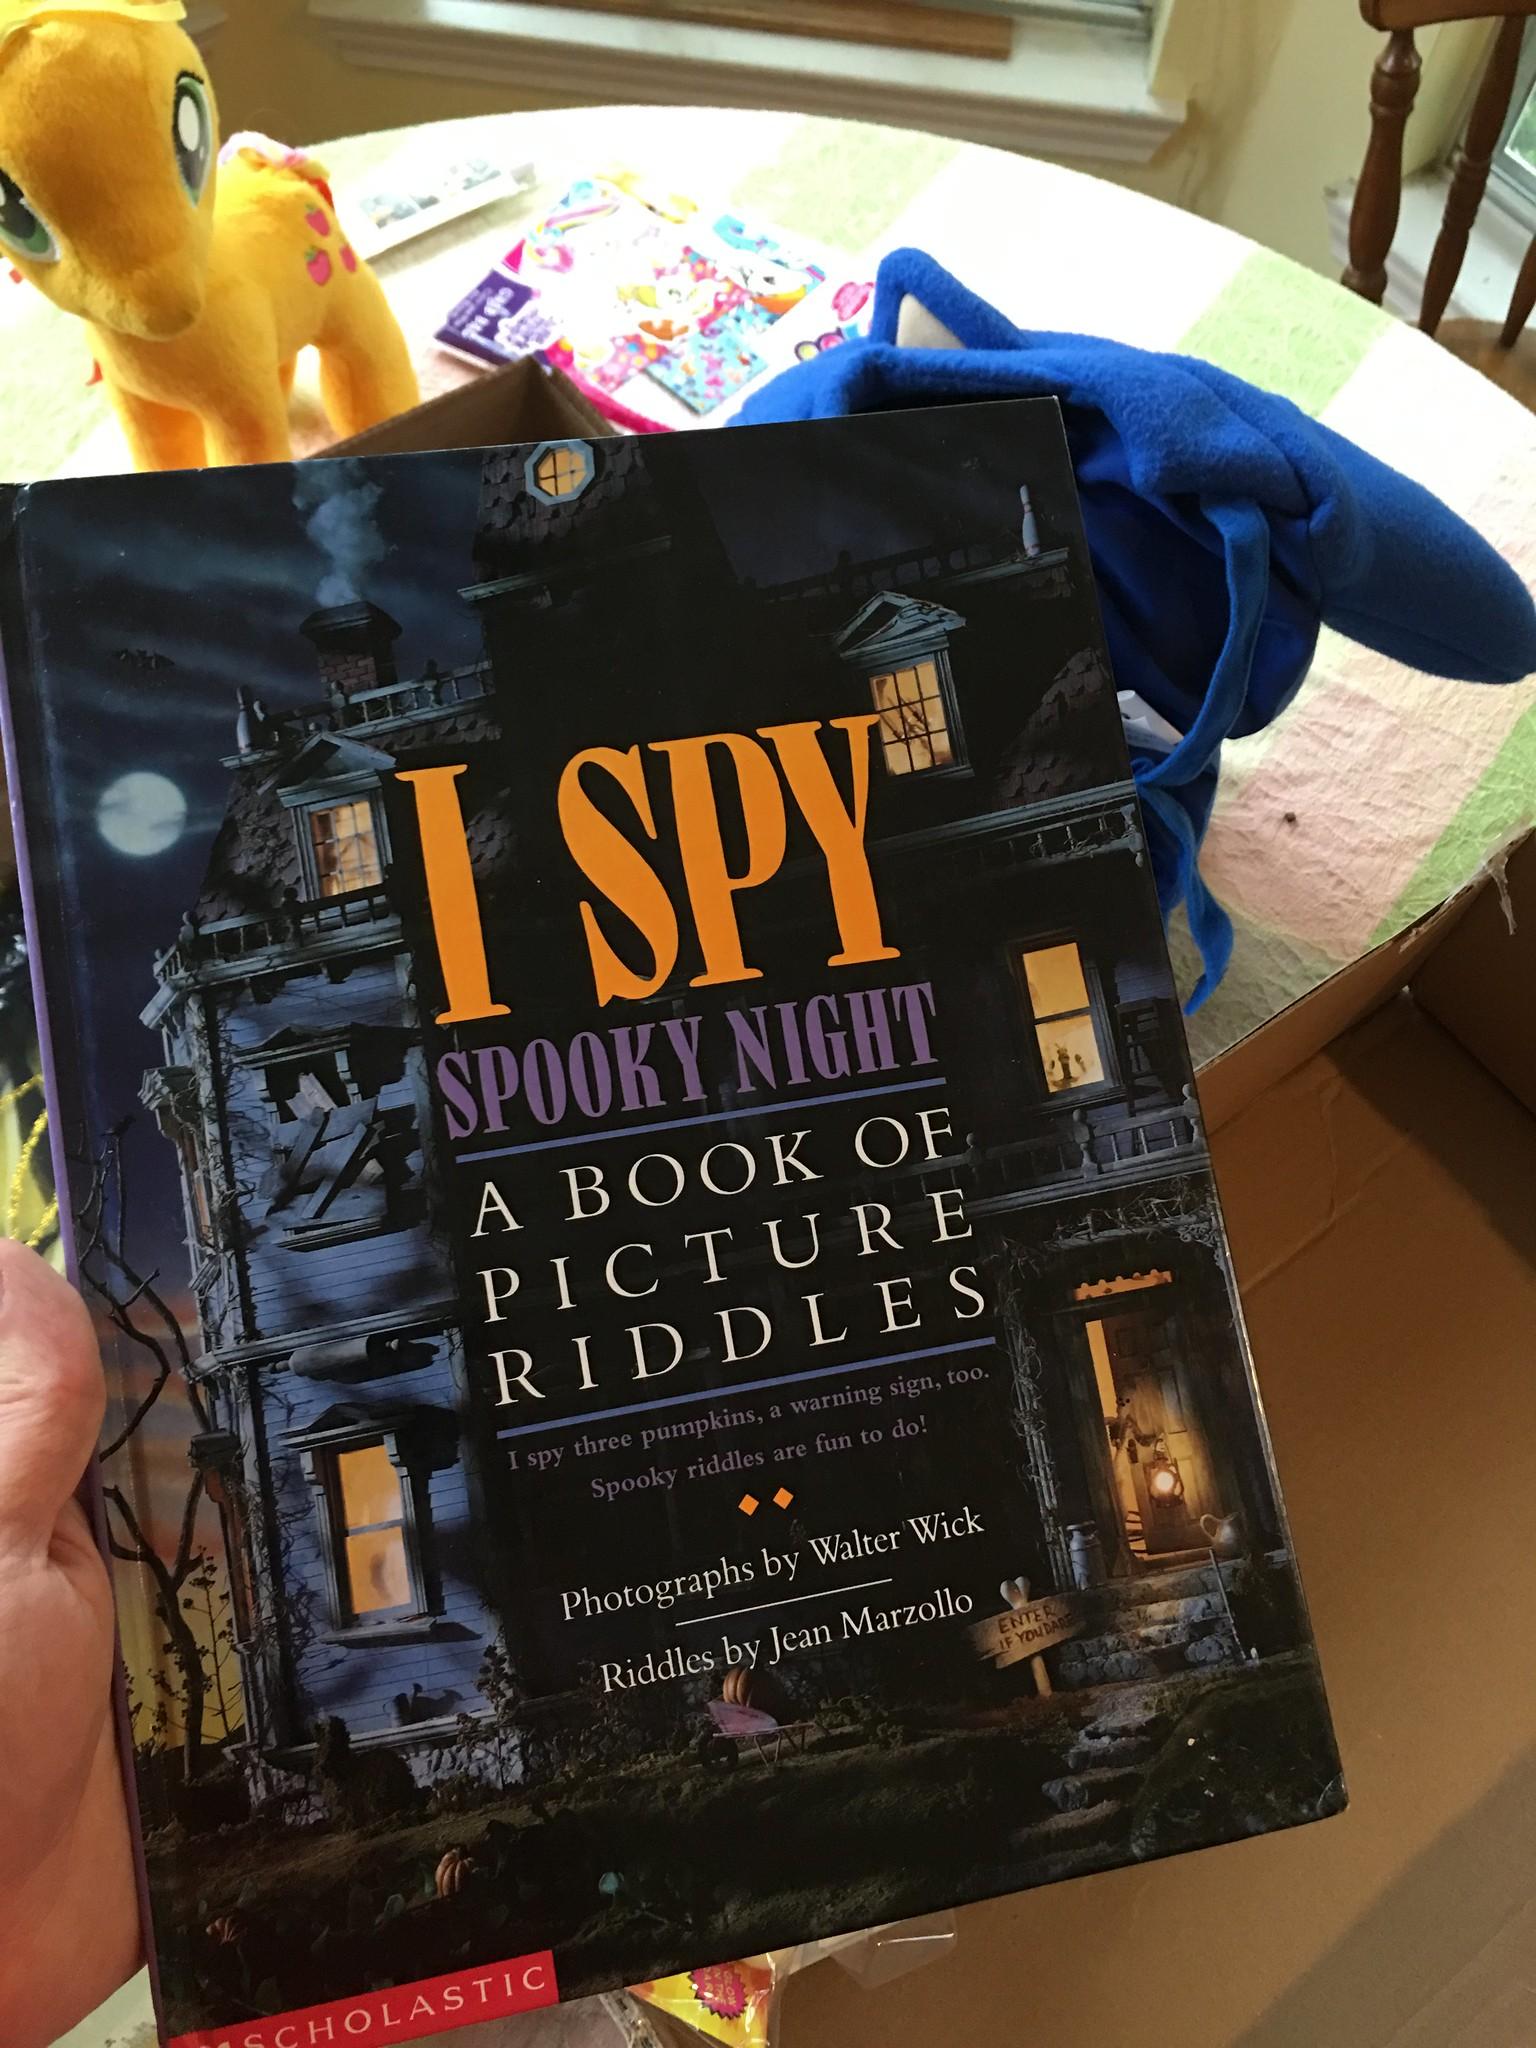 I Spy Spooky Stuff